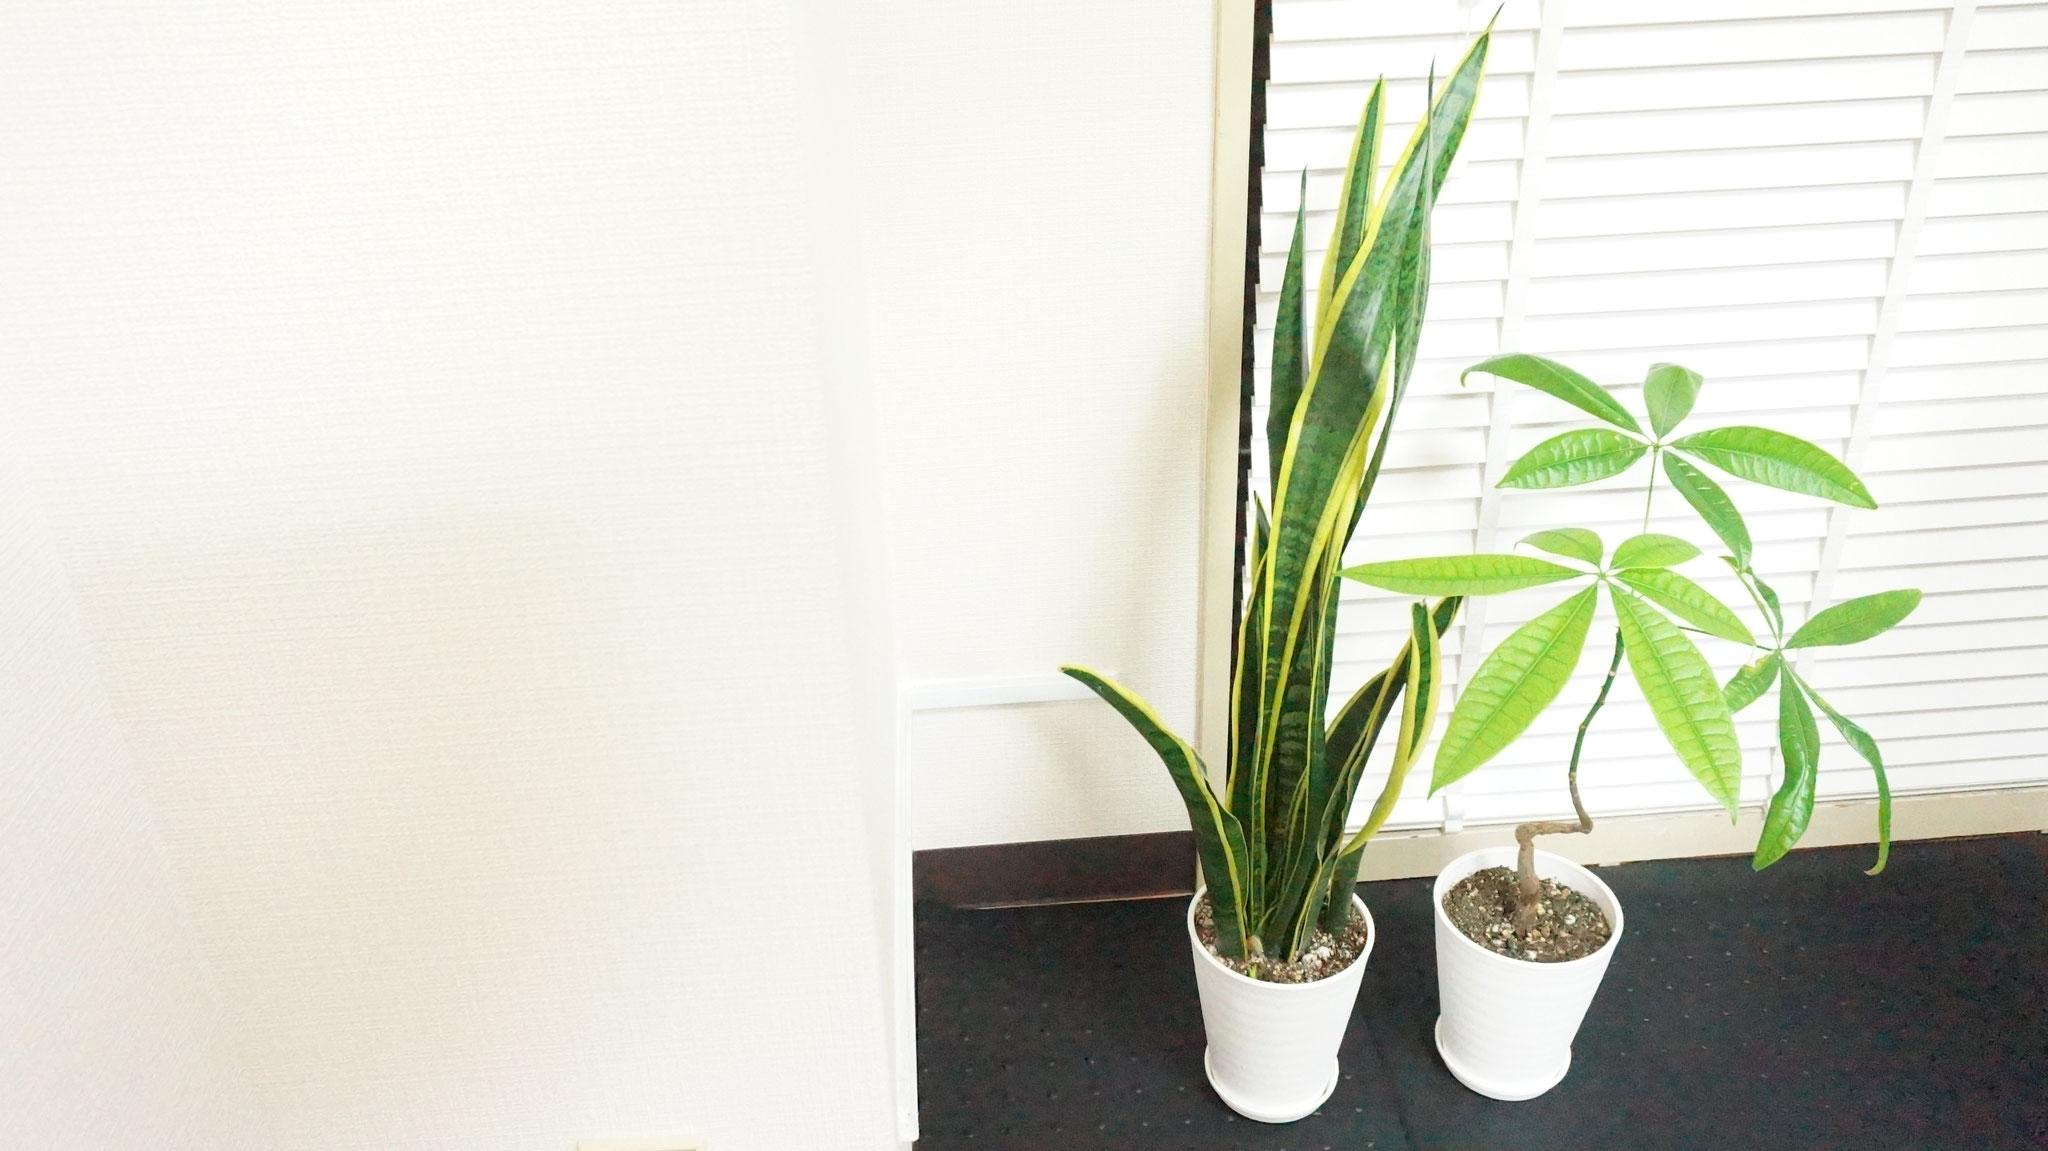 トレーニングに適した環境(空気清浄効果のある植物の設置)